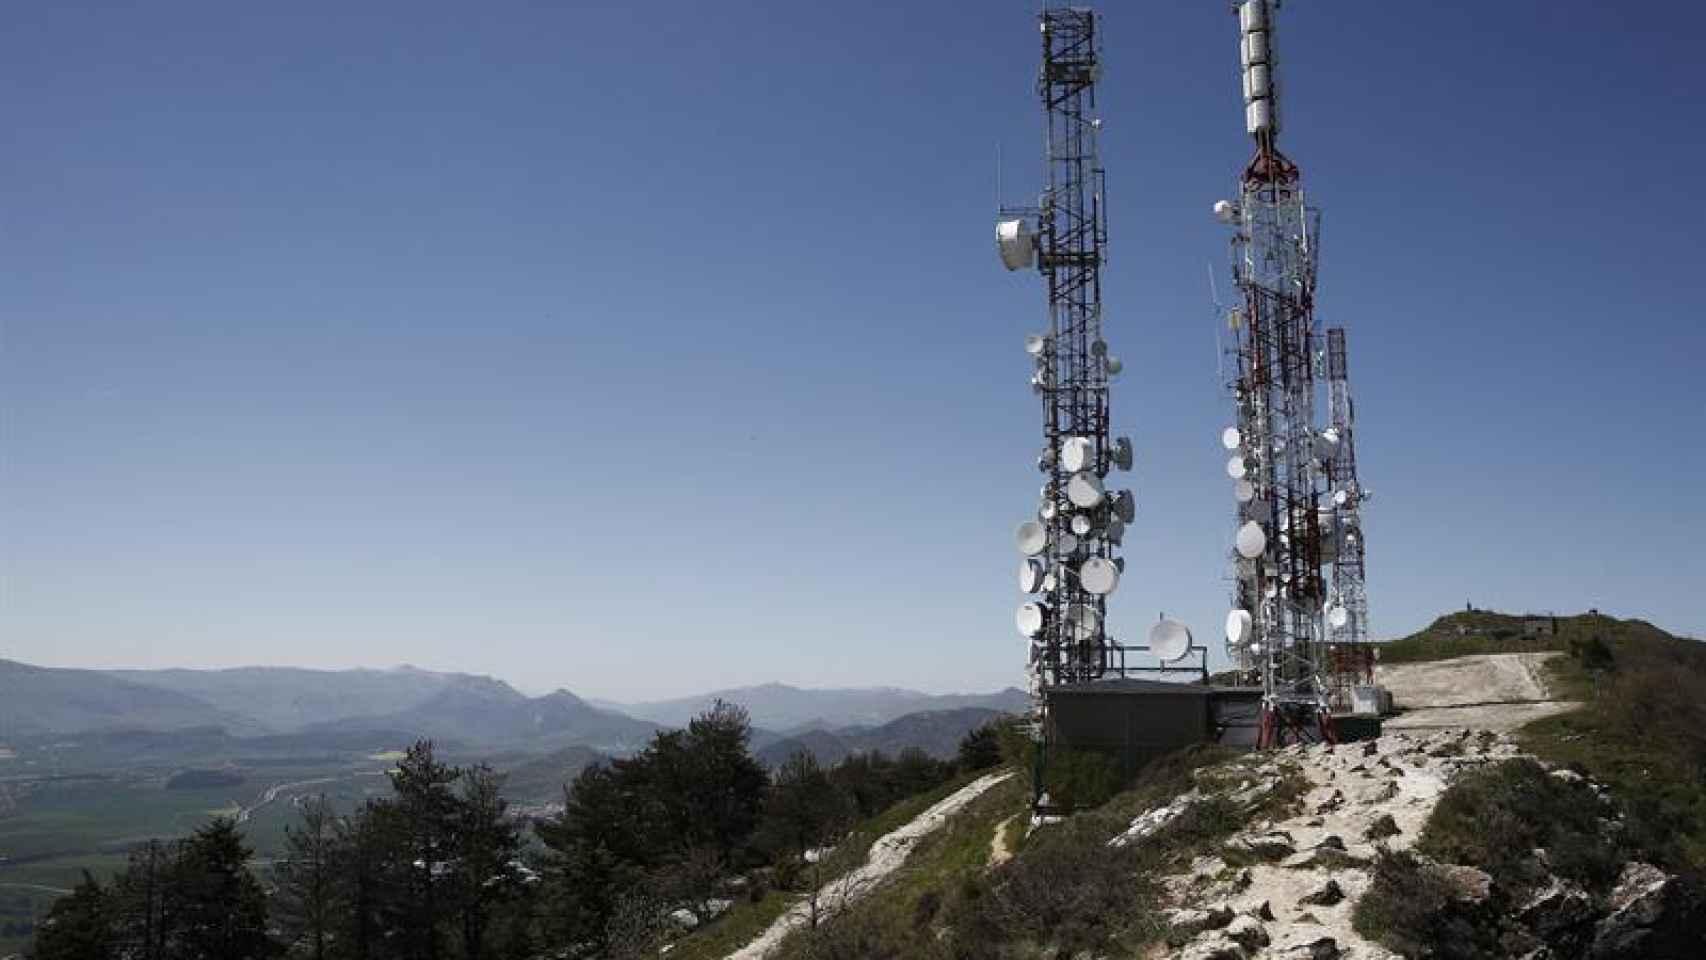 Imagen del repetidor de San Cristóbal a través del cual emite la señal ETB en Pamplona